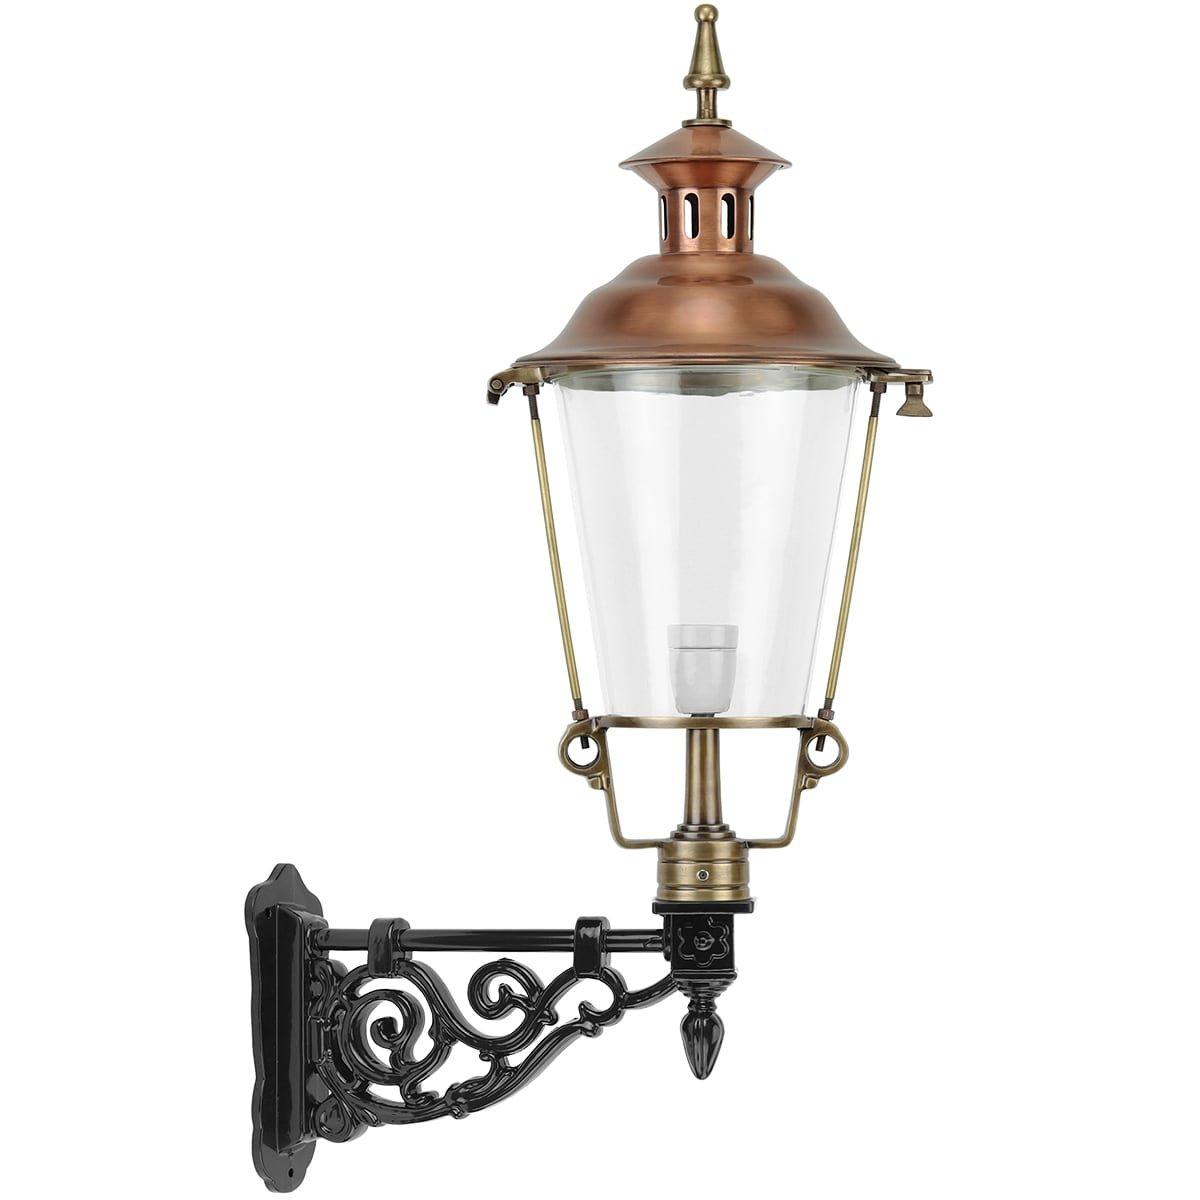 Outdoor Lighting Classic Rural Lantern wall Aartswoud bronze - 95 cm